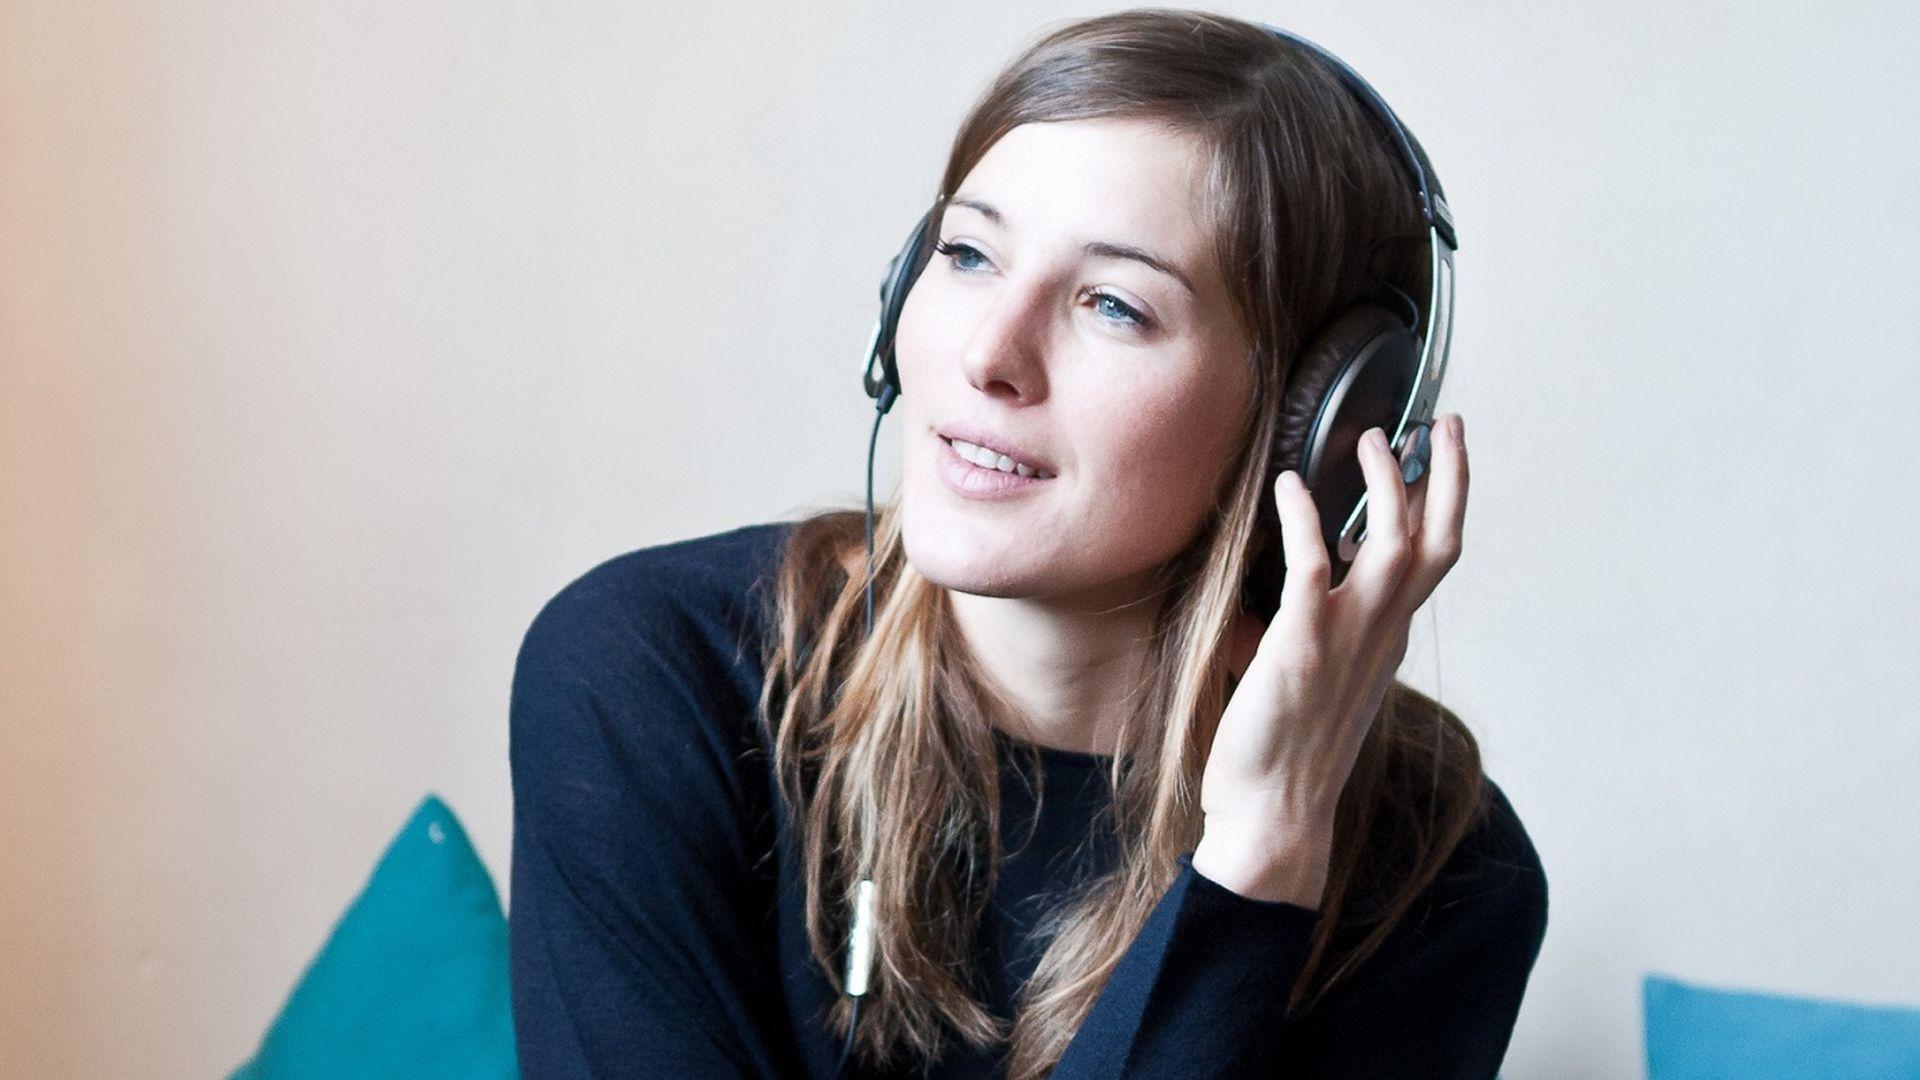 Jeannine Michaelsen: Anzicken im Interview ist OK